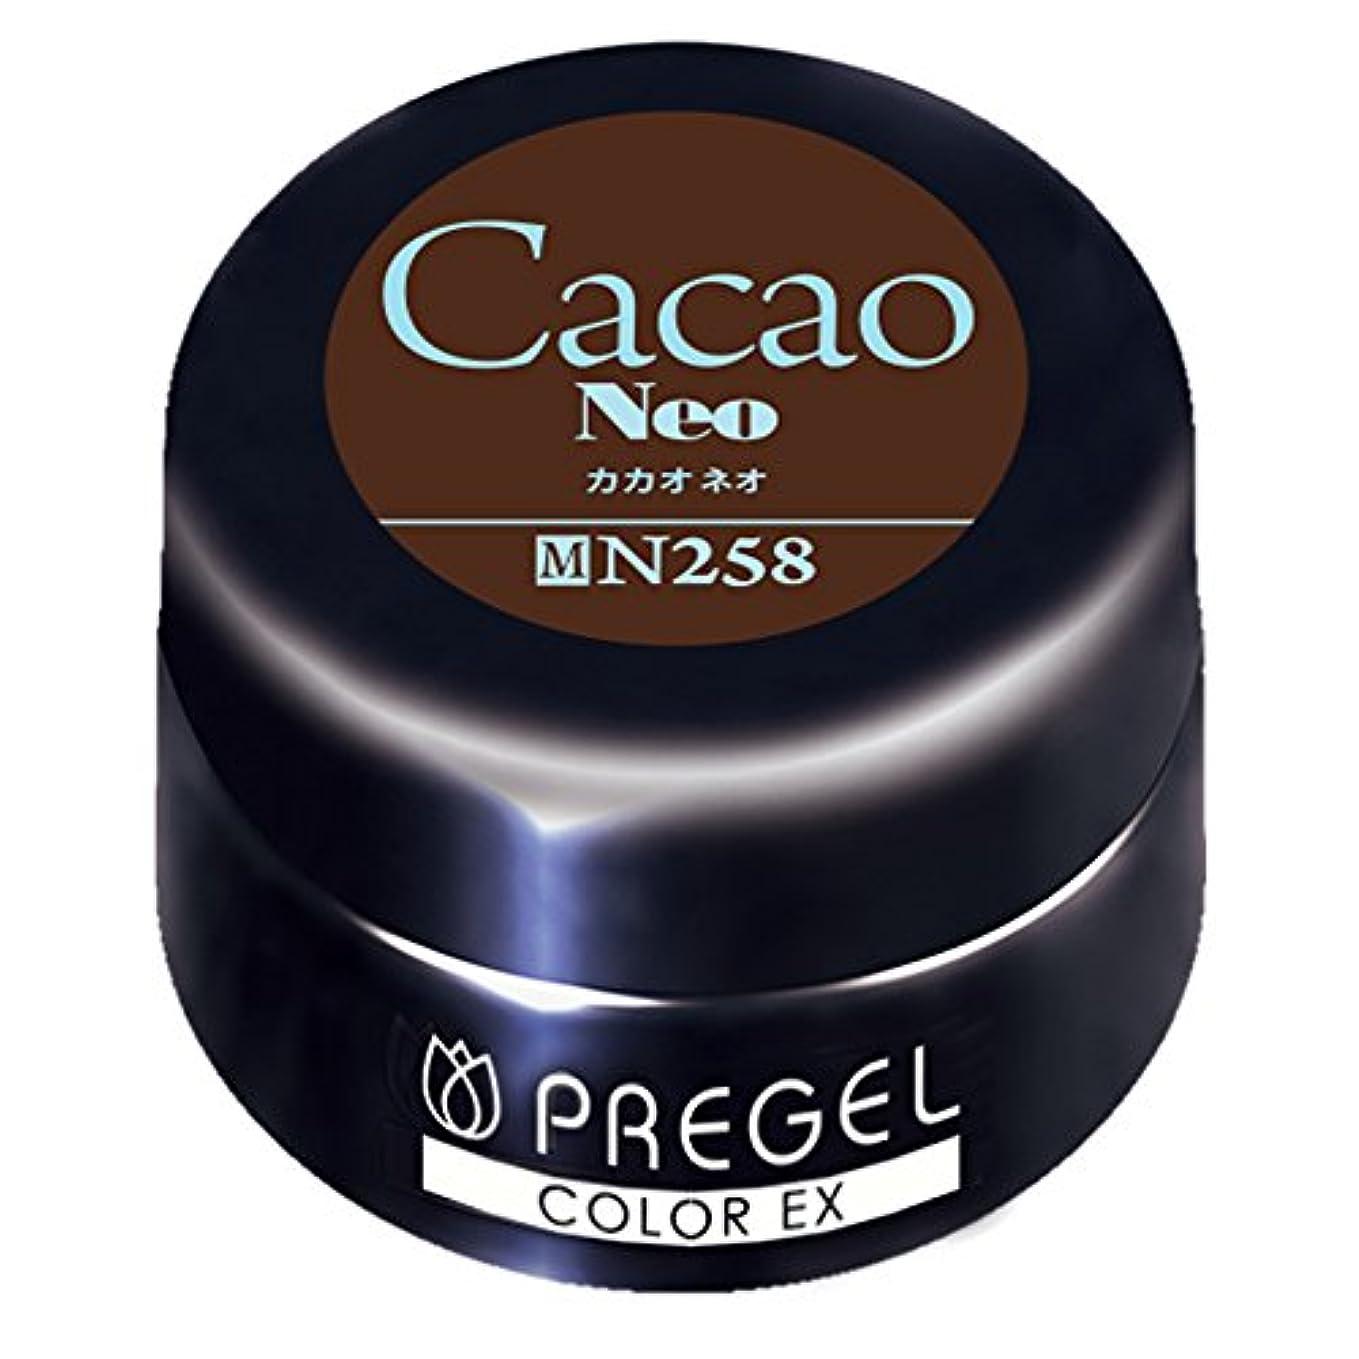 ダルセット書き出す一族PRE GEL カラーEX カカオneo 258 4g UV/LED対応